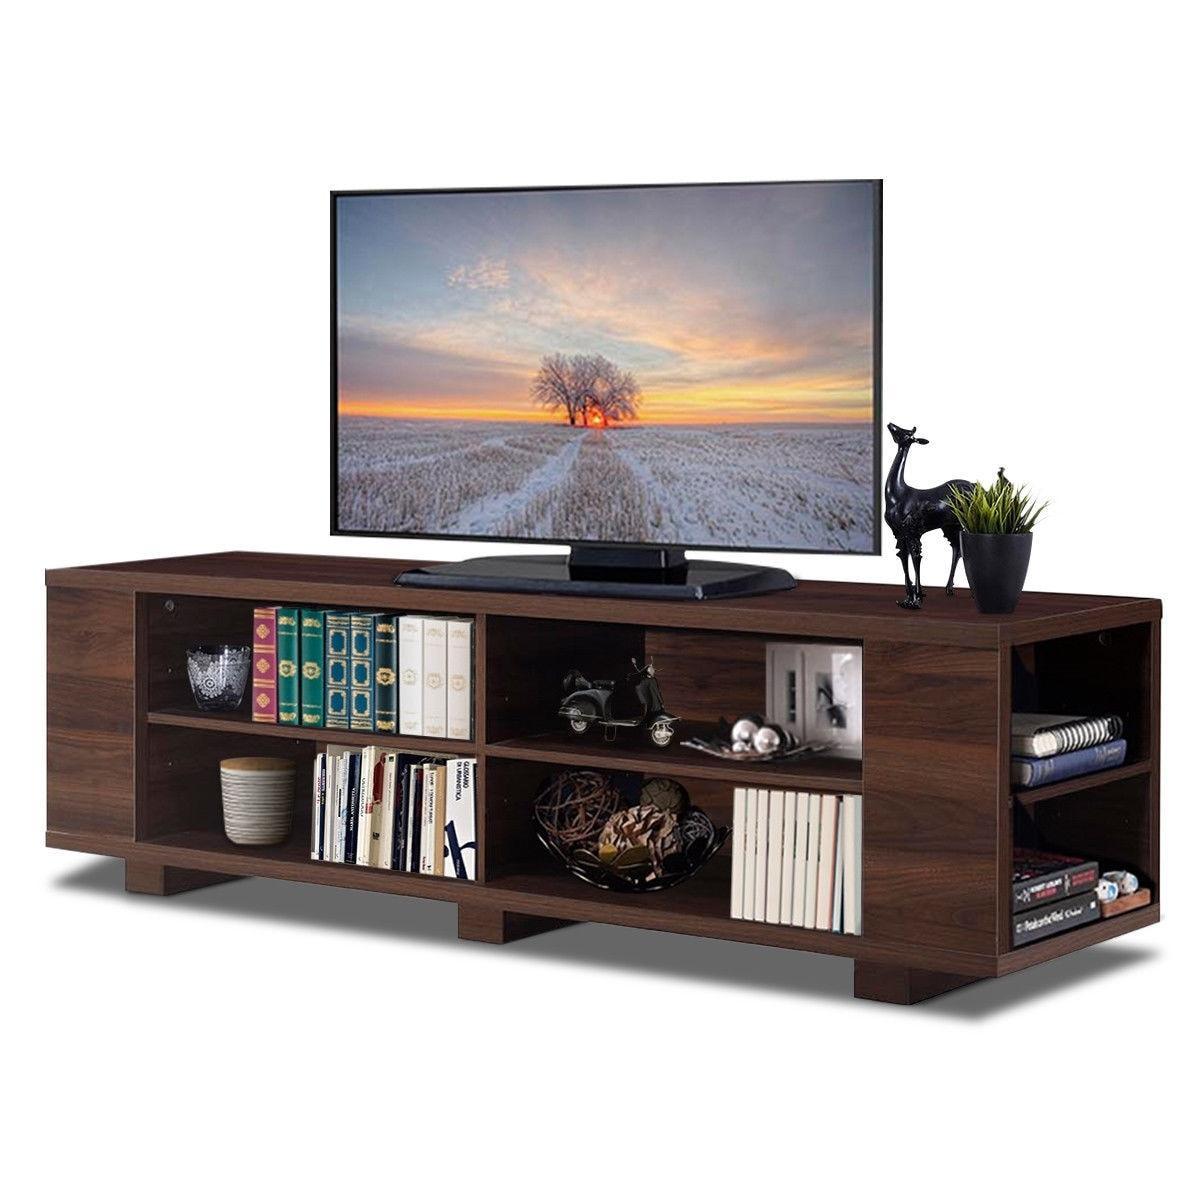 59 консоль ХРАНЕНИЯ развлечений медиа деревянный ТВ Стенд HW60170